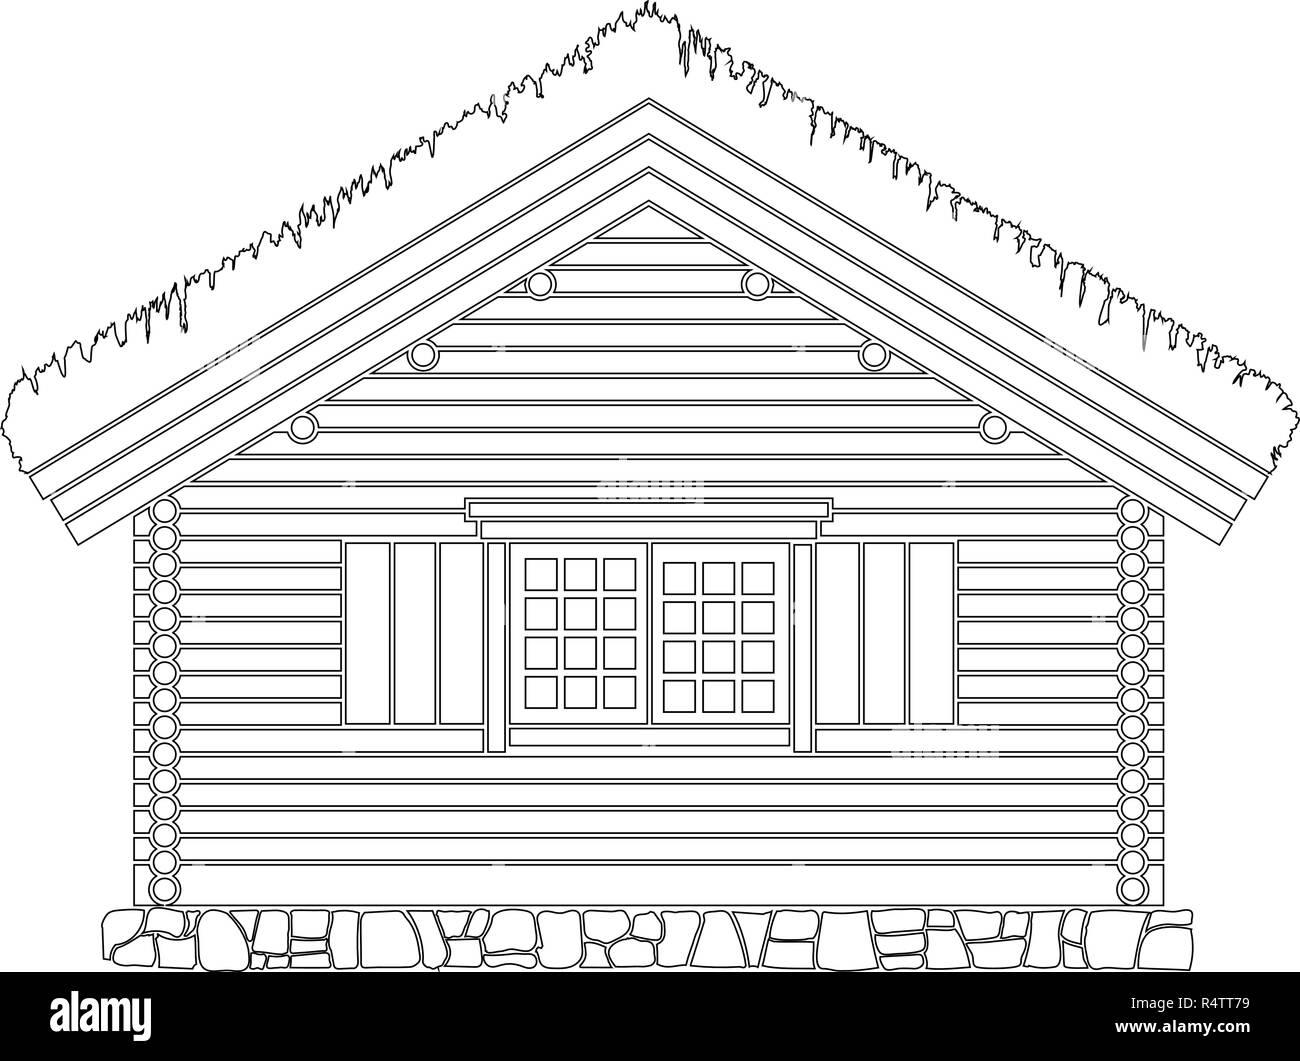 Maison traditionnelle norvégienne de bois rond . Le toit est recouvert de greensward. Vector illustration. Silhouette noire. Photo Stock